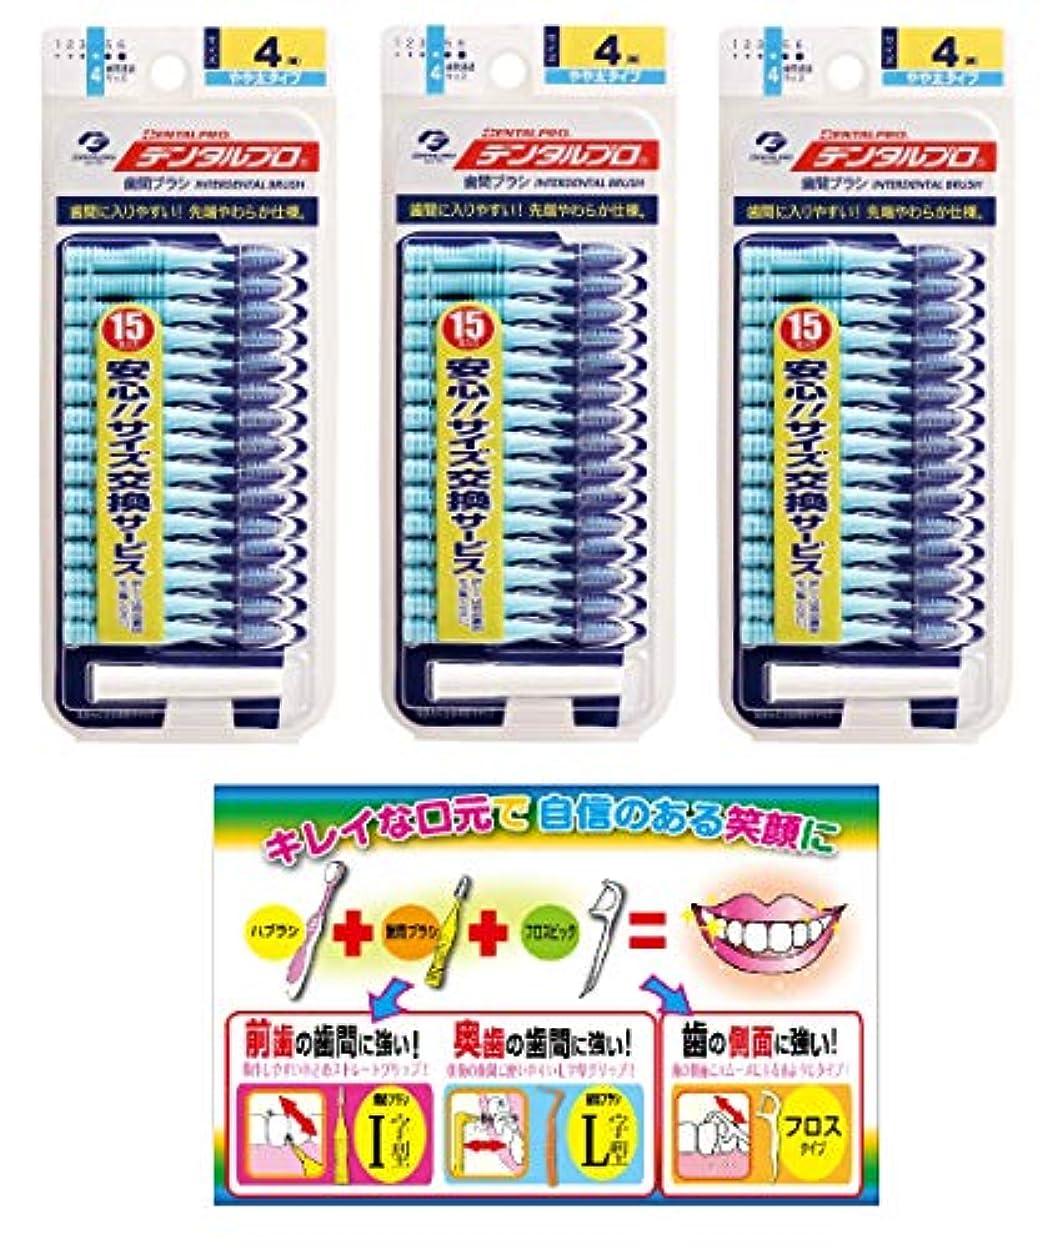 食用拾う関係する【Amazon.co.jp限定】DP歯間ブラシ15P サイズ4 3P+リーフレット